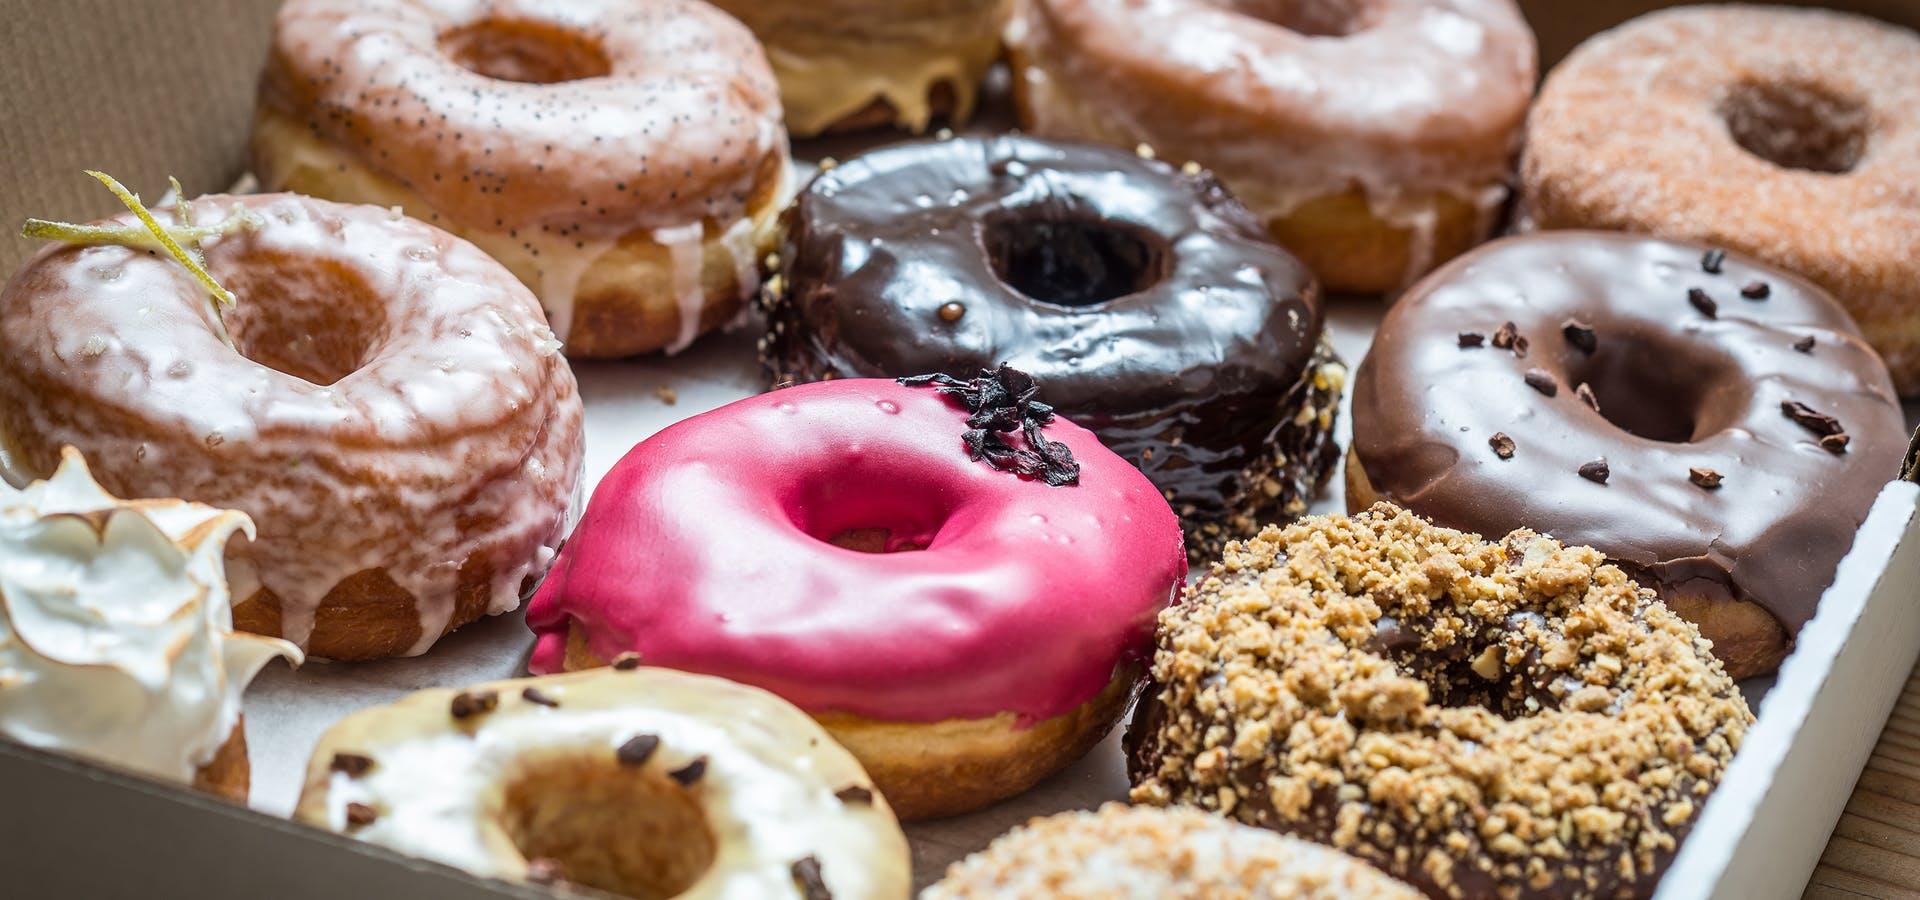 Image: doughdoughnuts.com